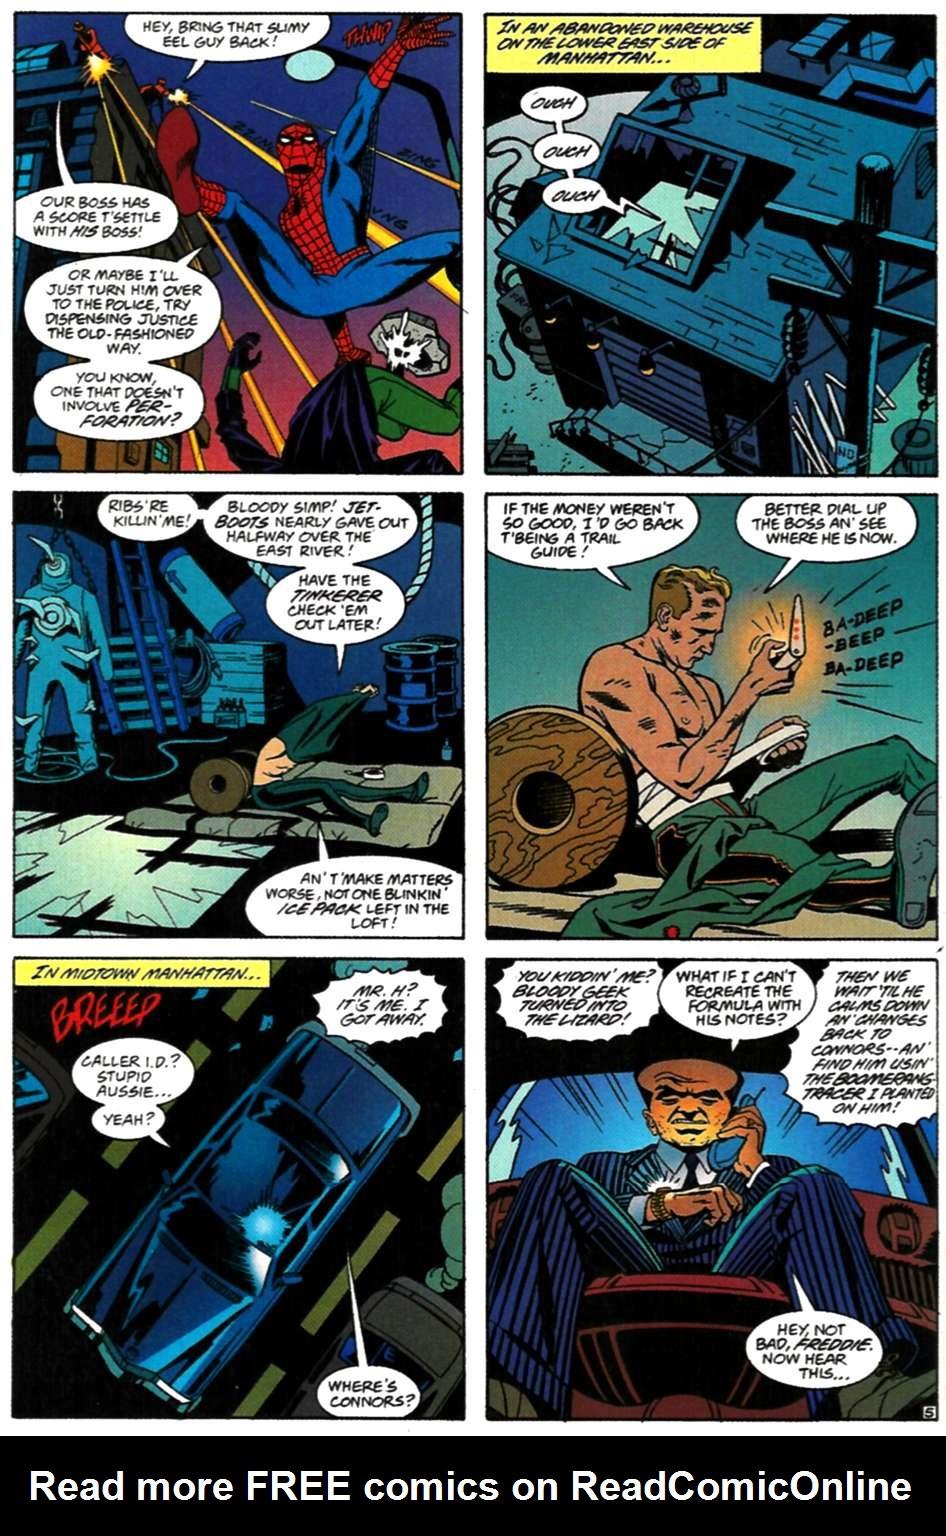 Read online Spider-Man: Lifeline comic -  Issue #3 - 6